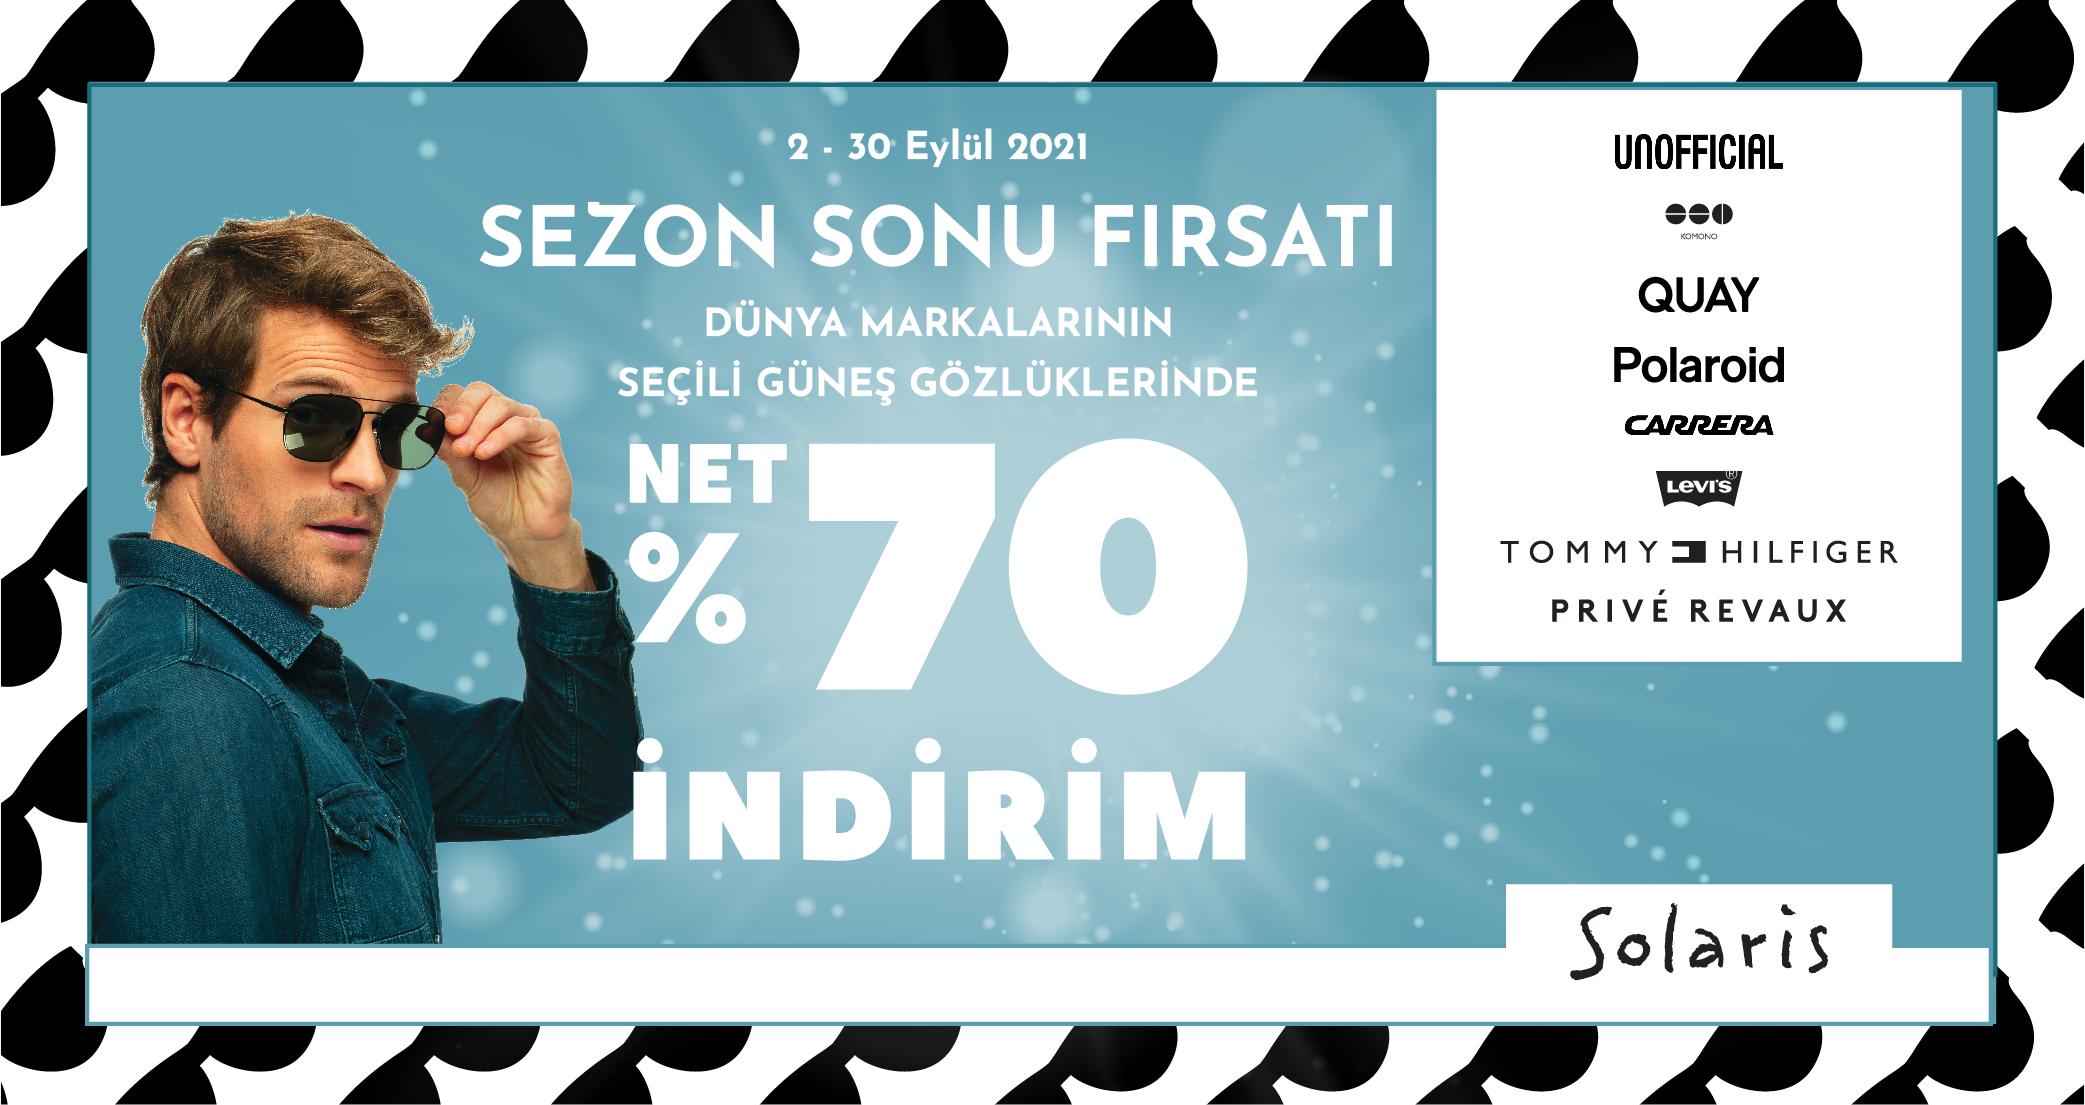 Solaris_Yaz_Sonu_Kampanyas_1000x530-01